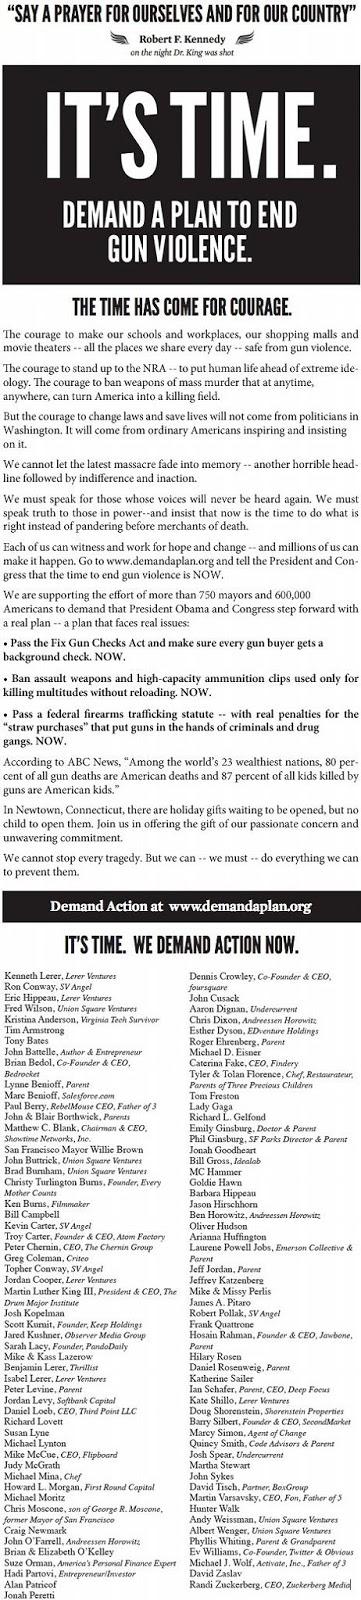 銃規制を求めレディー・ガガやM・C・ハマーなど100人の著名人がNew York Timesに一面広告